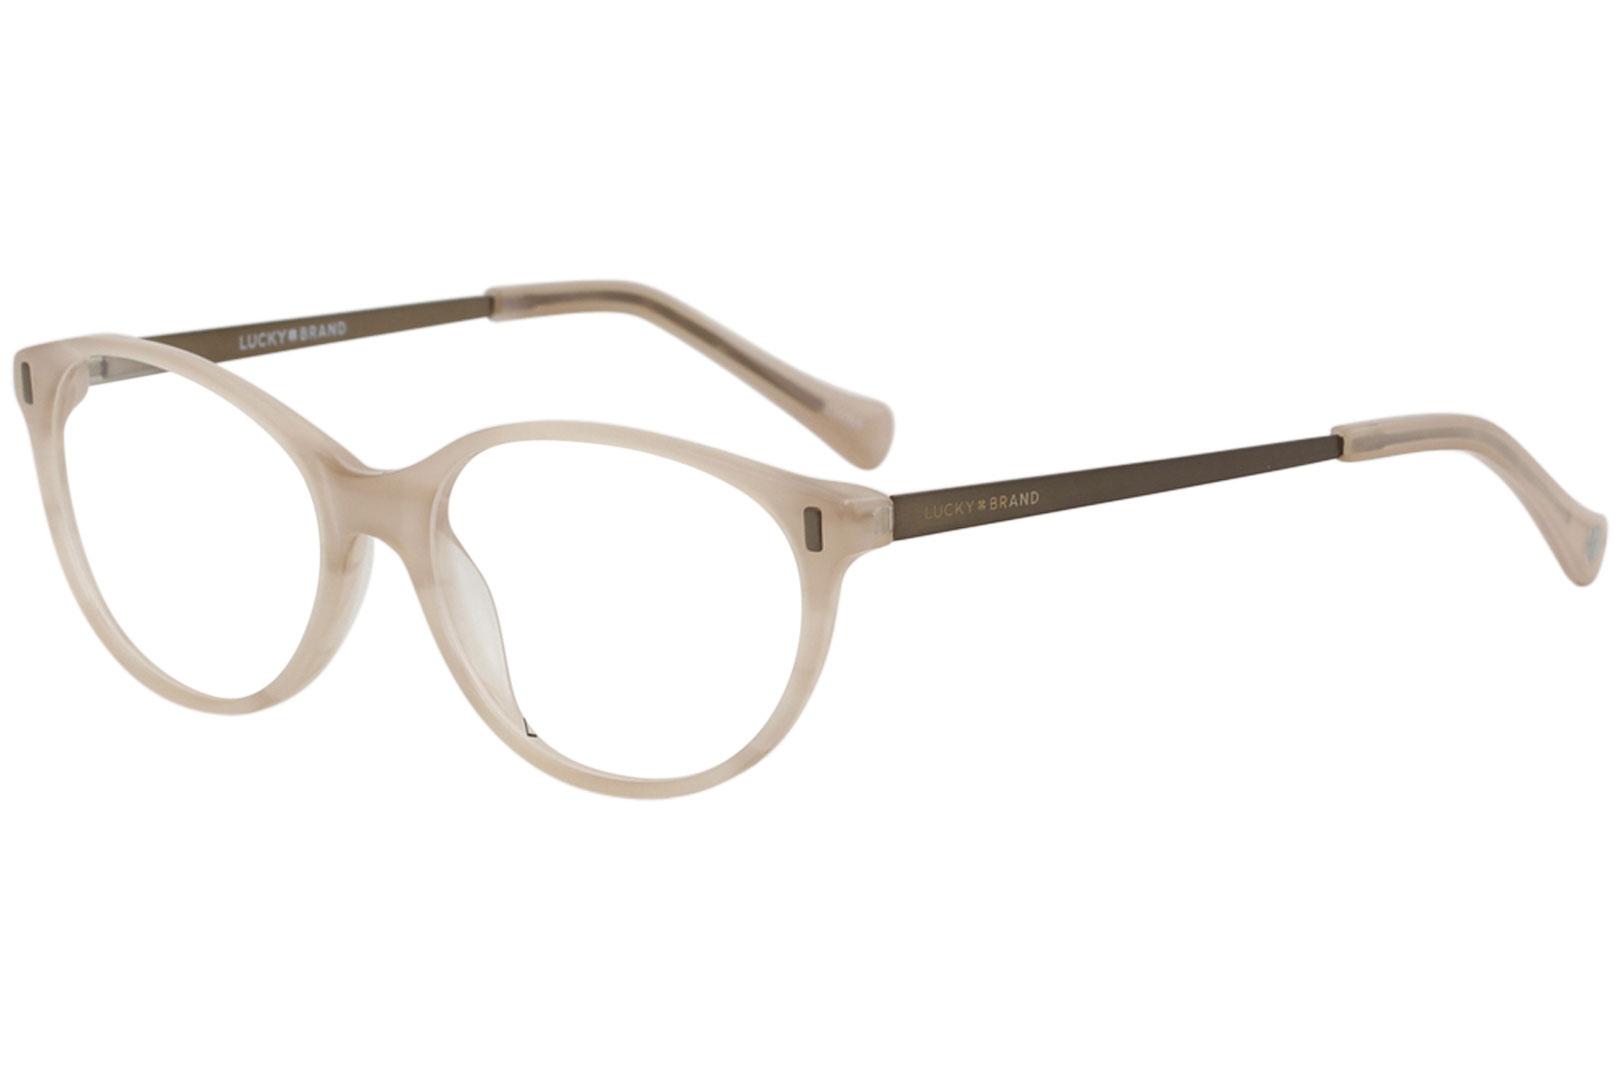 2f3c3c5f4248 Lucky Brand Women s Eyeglasses D211 D 211 Pink Full Rim Optical ...